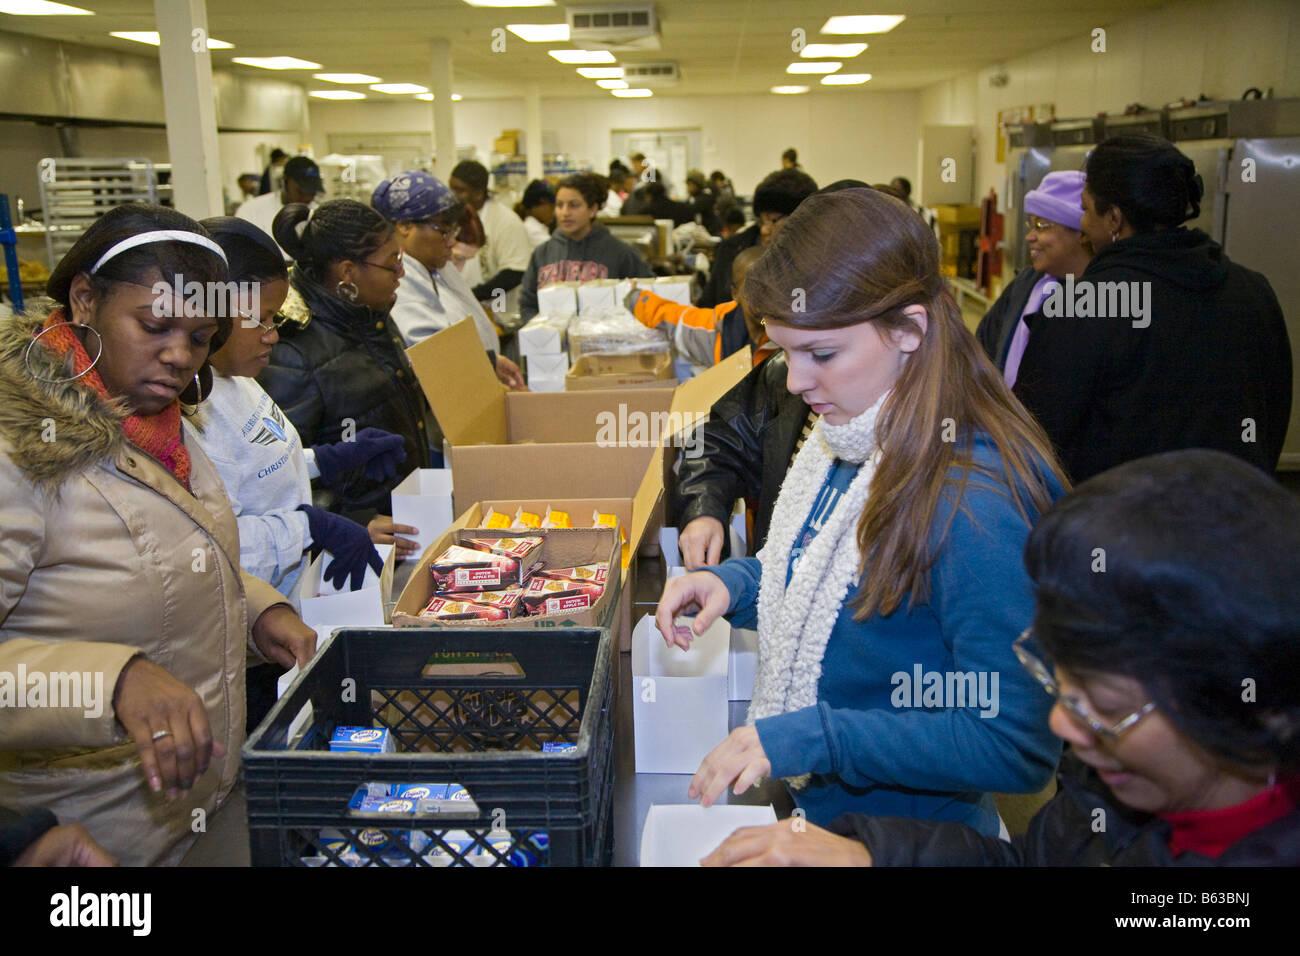 Volunteers Prepare Thanksgiving Dinner for Homebound Senior Citizens - Stock Image